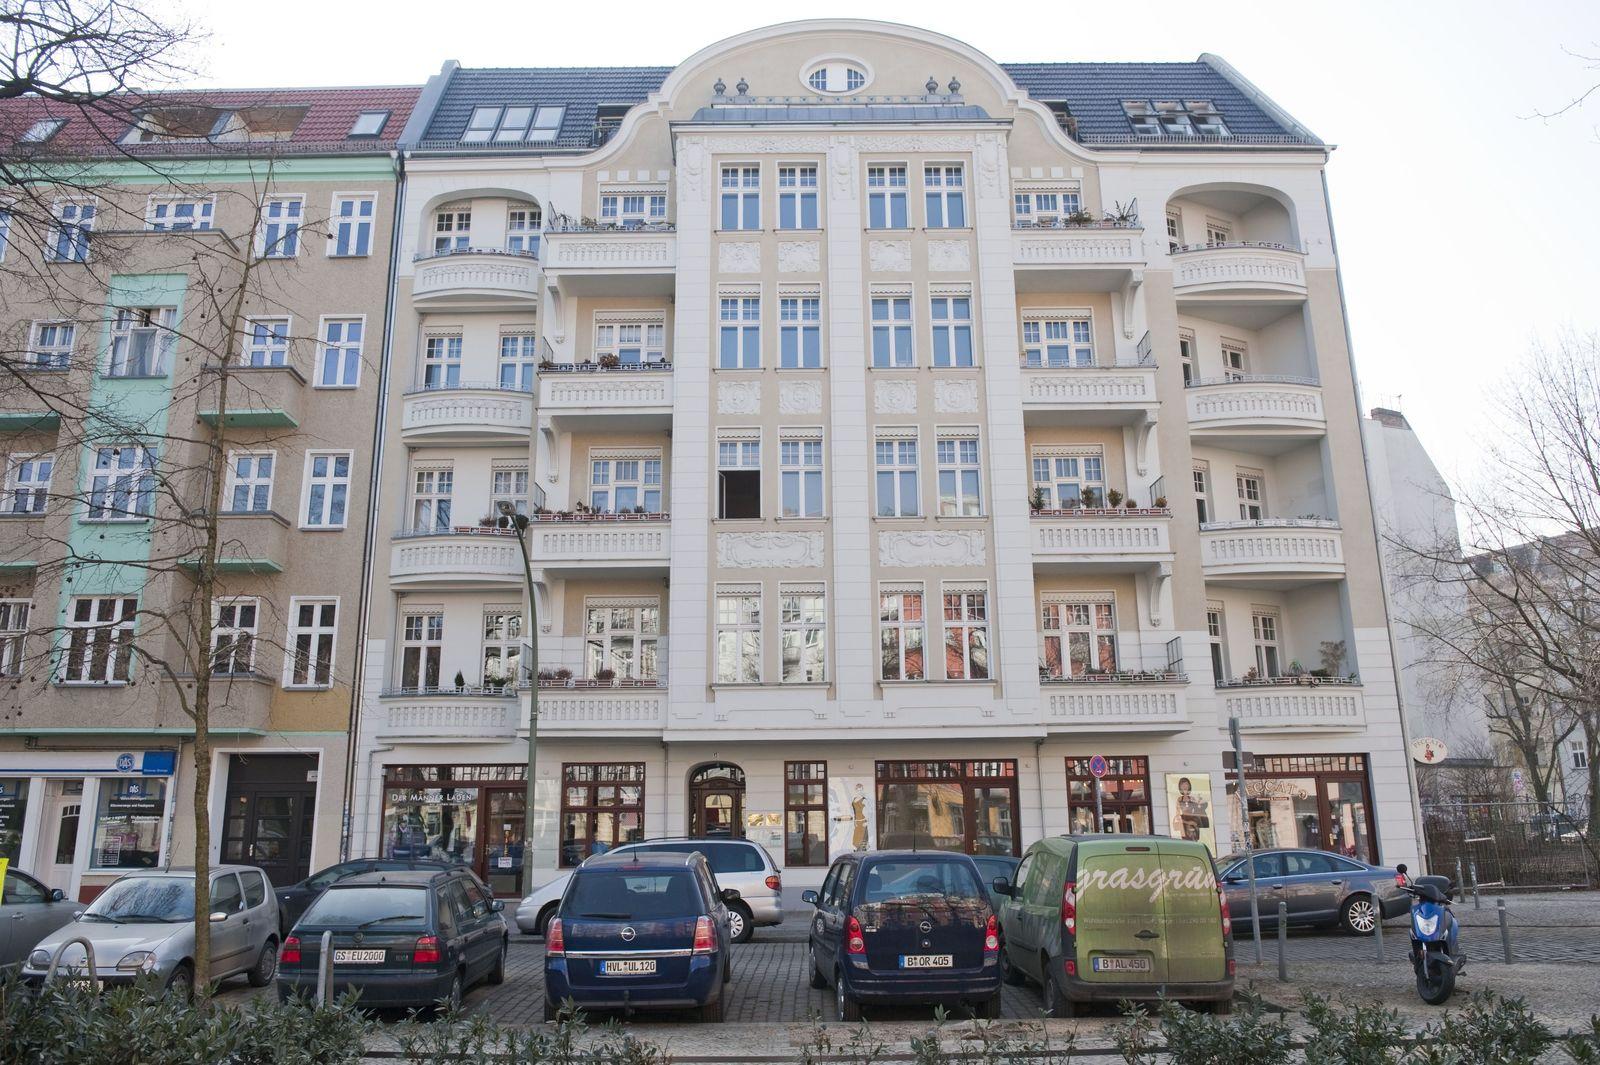 Wohnen in Berlin / Altbau / Hausfassade / Berlin